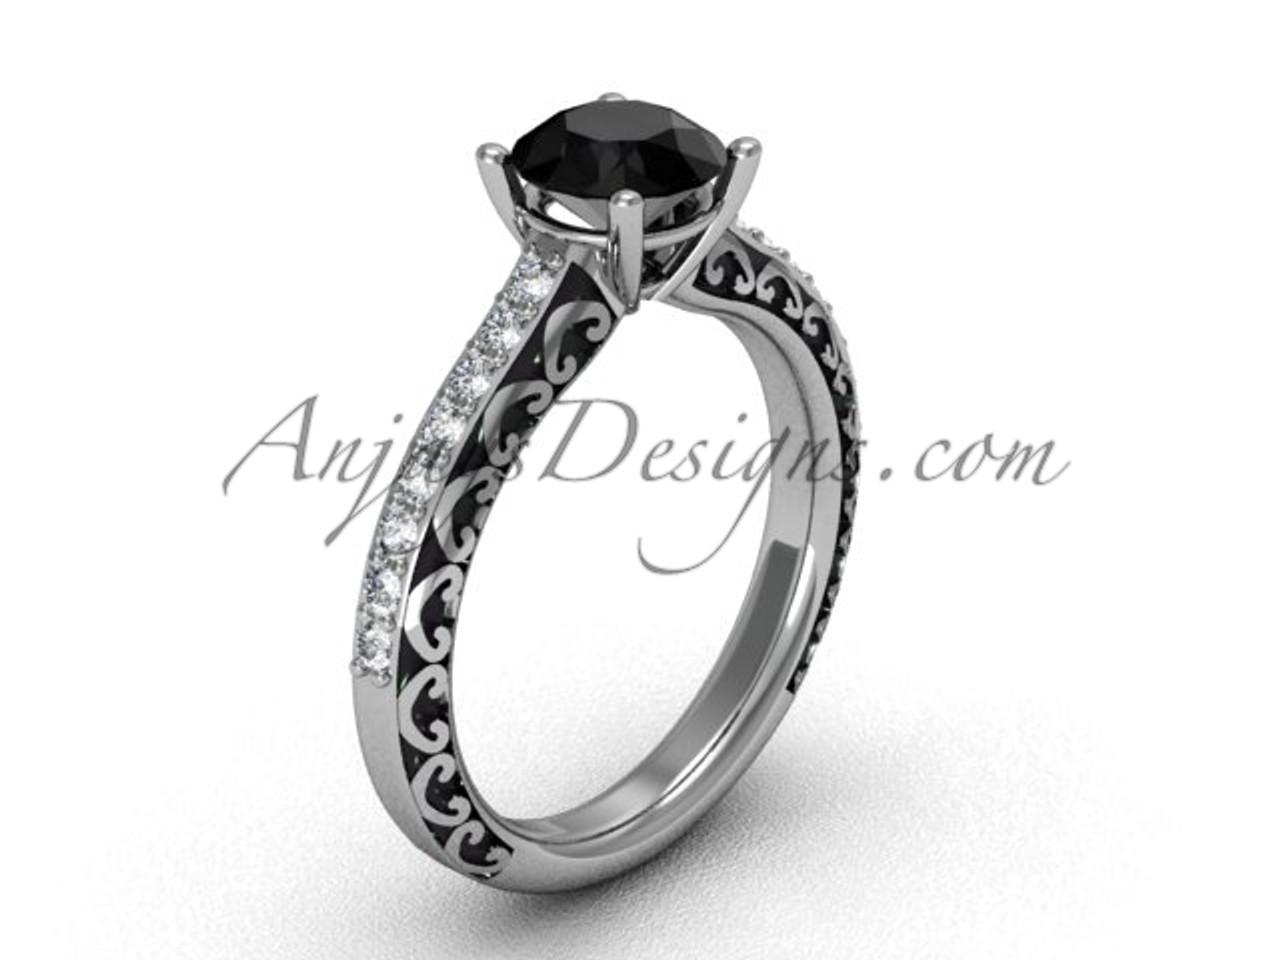 Black Diamond Wedding Ring.Black Diamond Rings For Women 14k White Gold Swirl Wedding Ring Sgt629